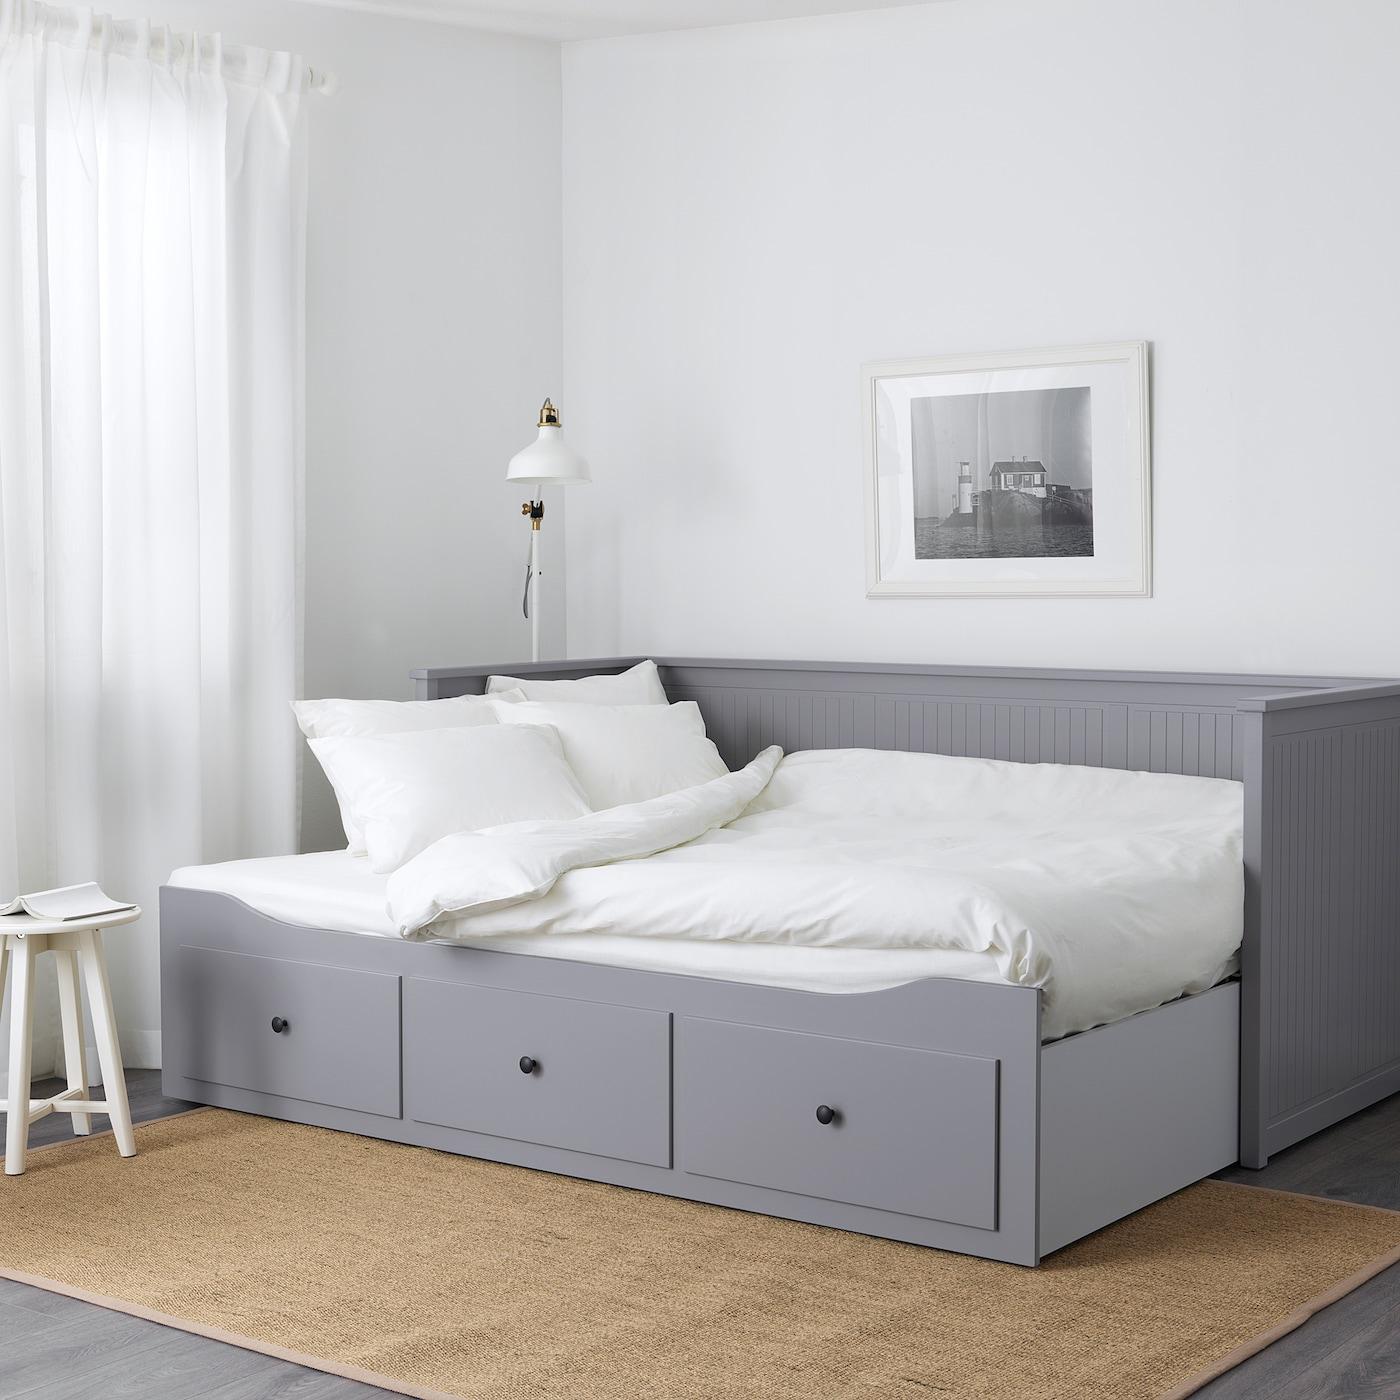 Bedbank Hemnes Te Koop.Hemnes Bedbank Met 3 Lades 2 Matrassen Grijs Moshult Stevig Ikea